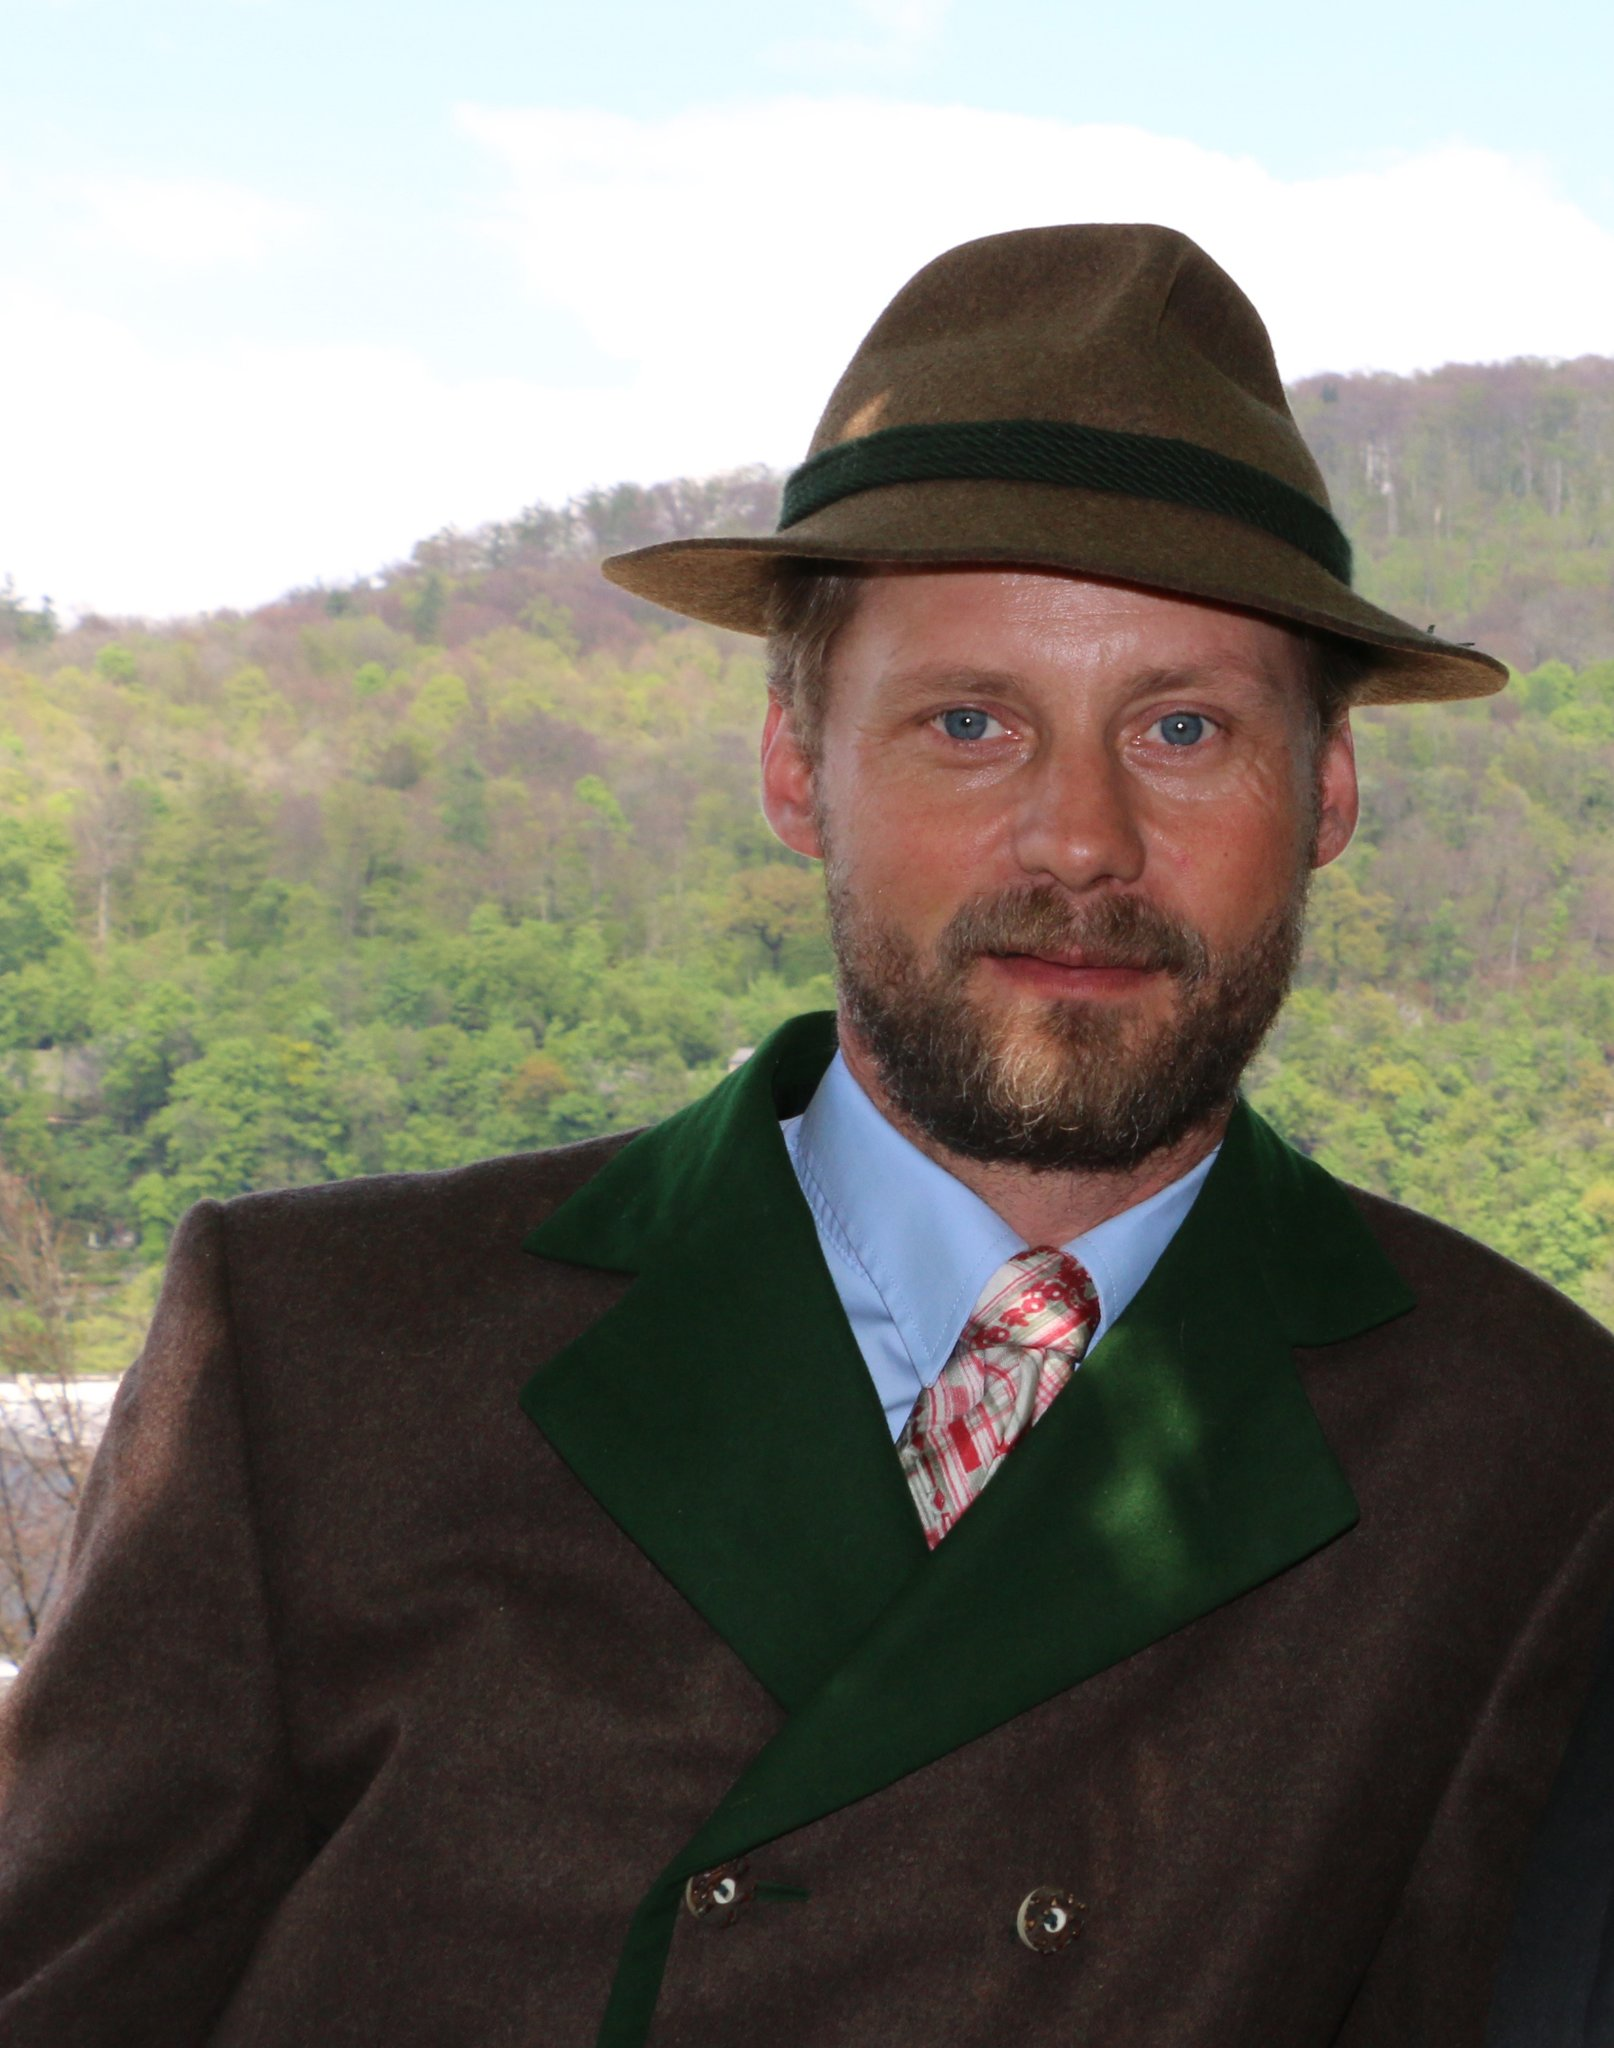 Coronavirus in Salzburg: Jagdsaison startet – wer das Wildbret kauft, ist ungewiss